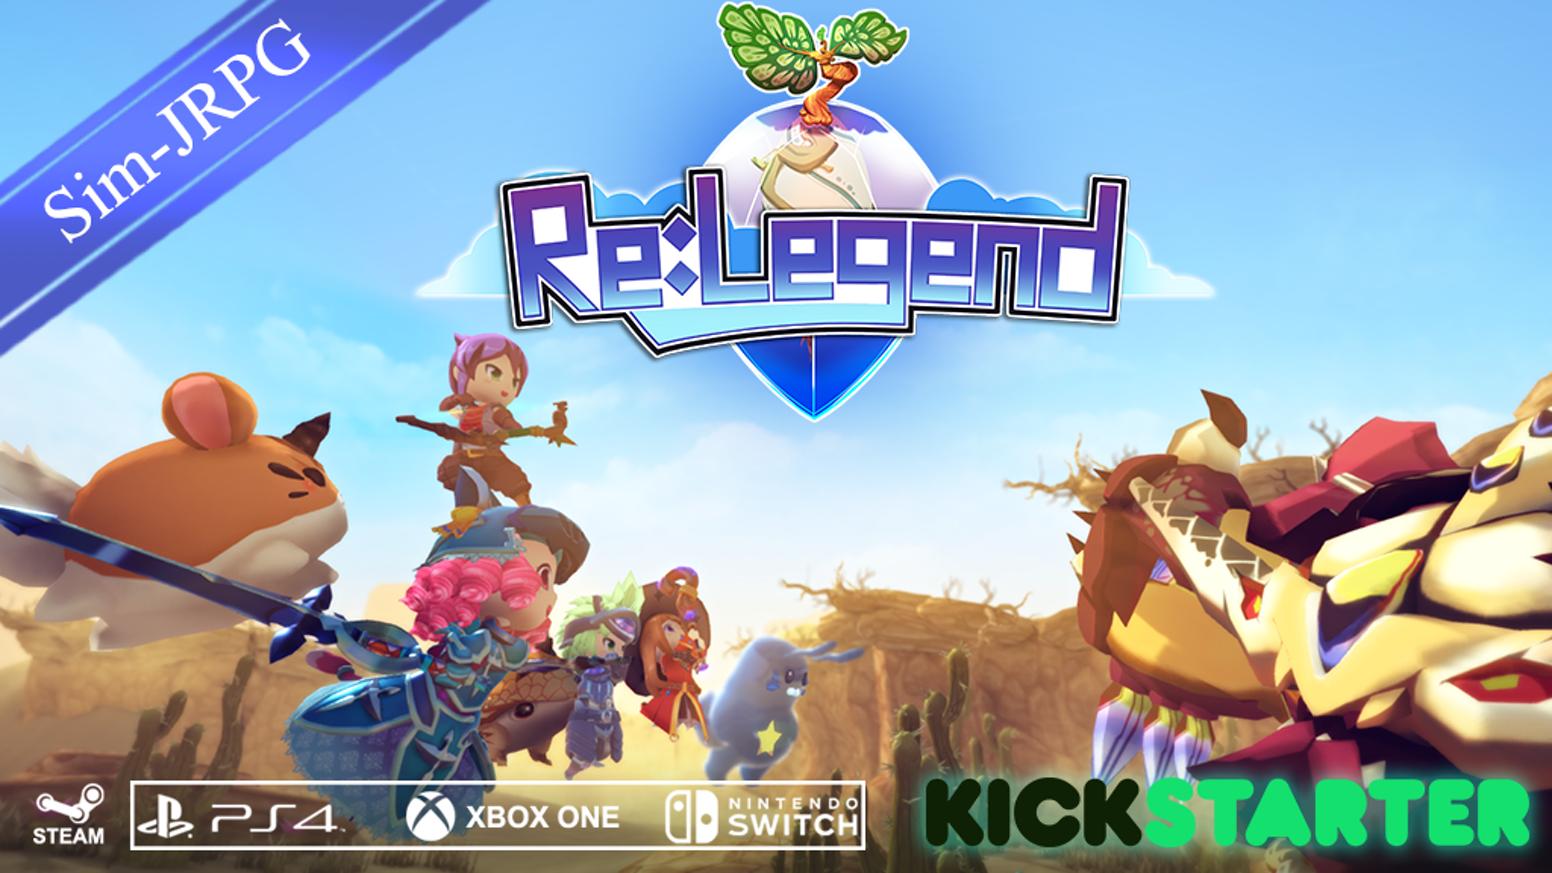 这个来自马来西亚的独立游戏《Re:Legend》可能是E3最让我意外的作品